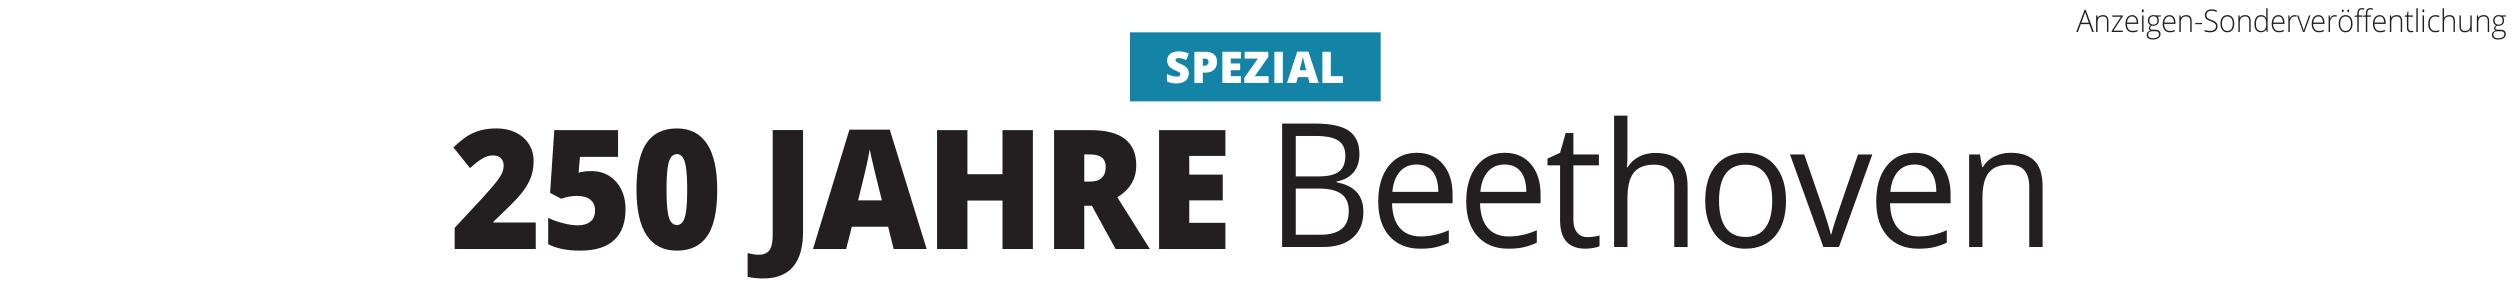 Beethovens Geburtsstadt Bonn lädt zur Jubiläumsfeier ein und verspricht, neue Seiten des Komponisten erlebbar zu machen Image 1